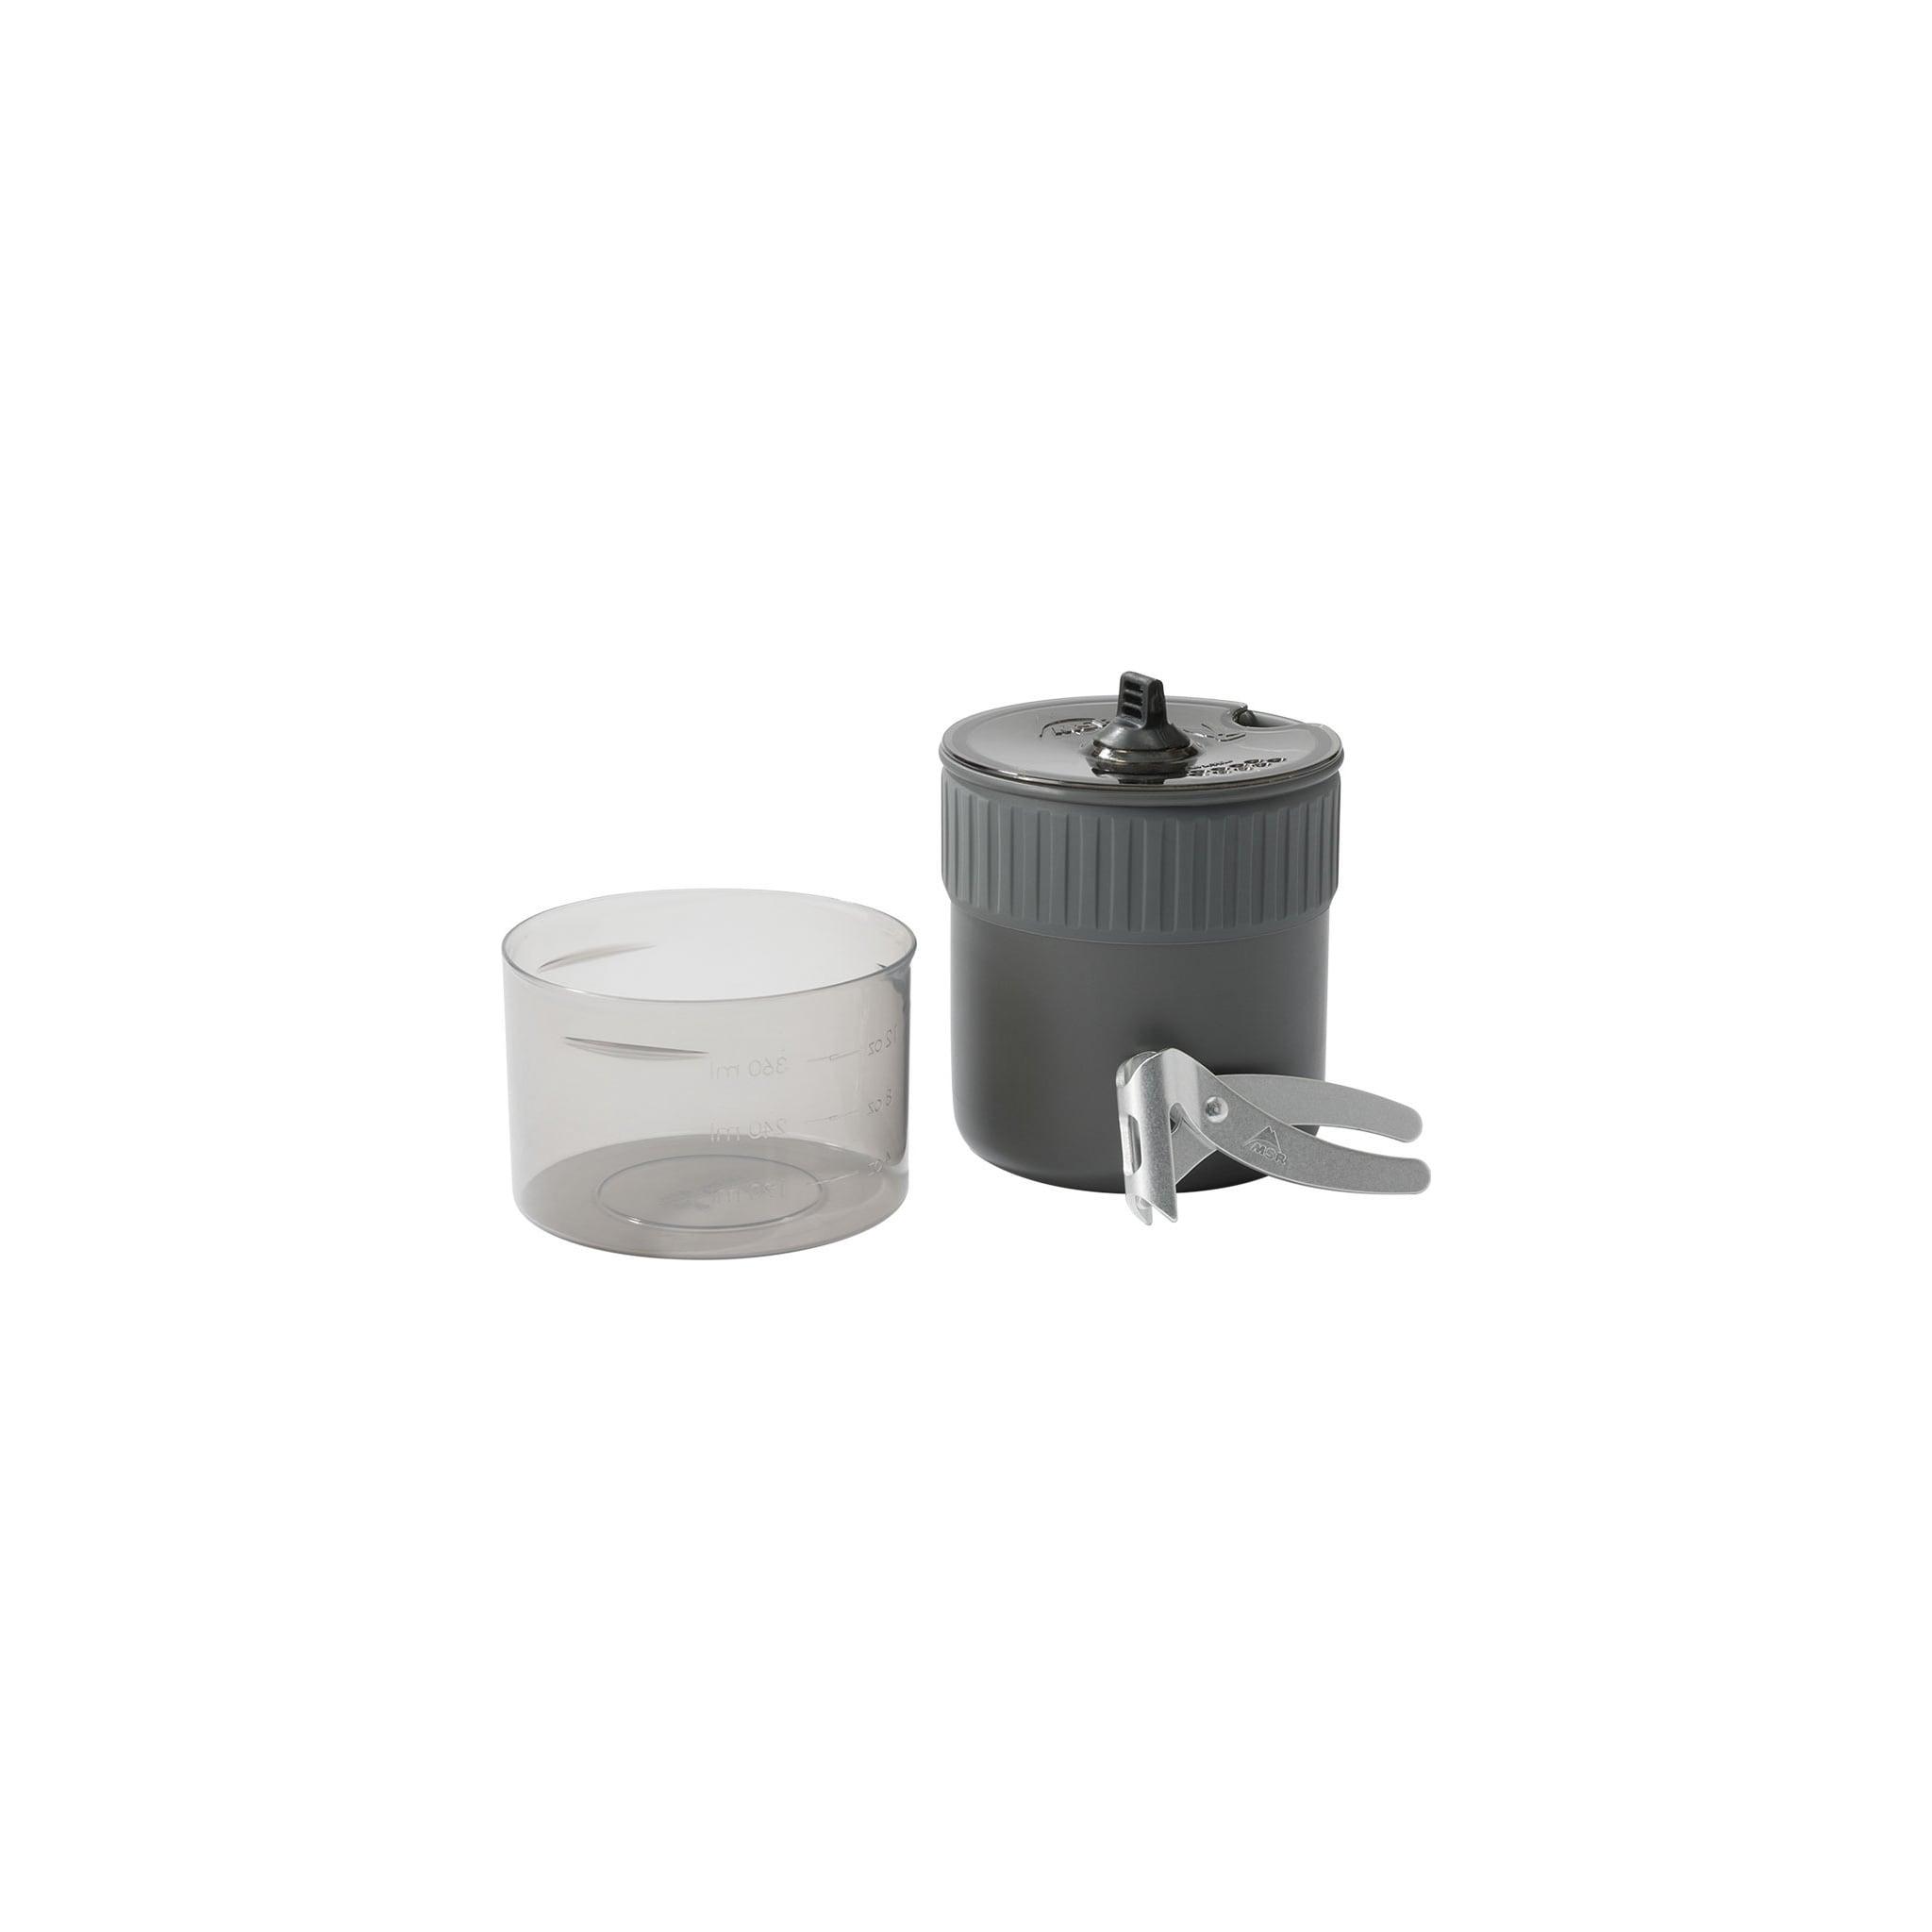 Superlett kjele for vannkoking med plass til brenner og gassboks.